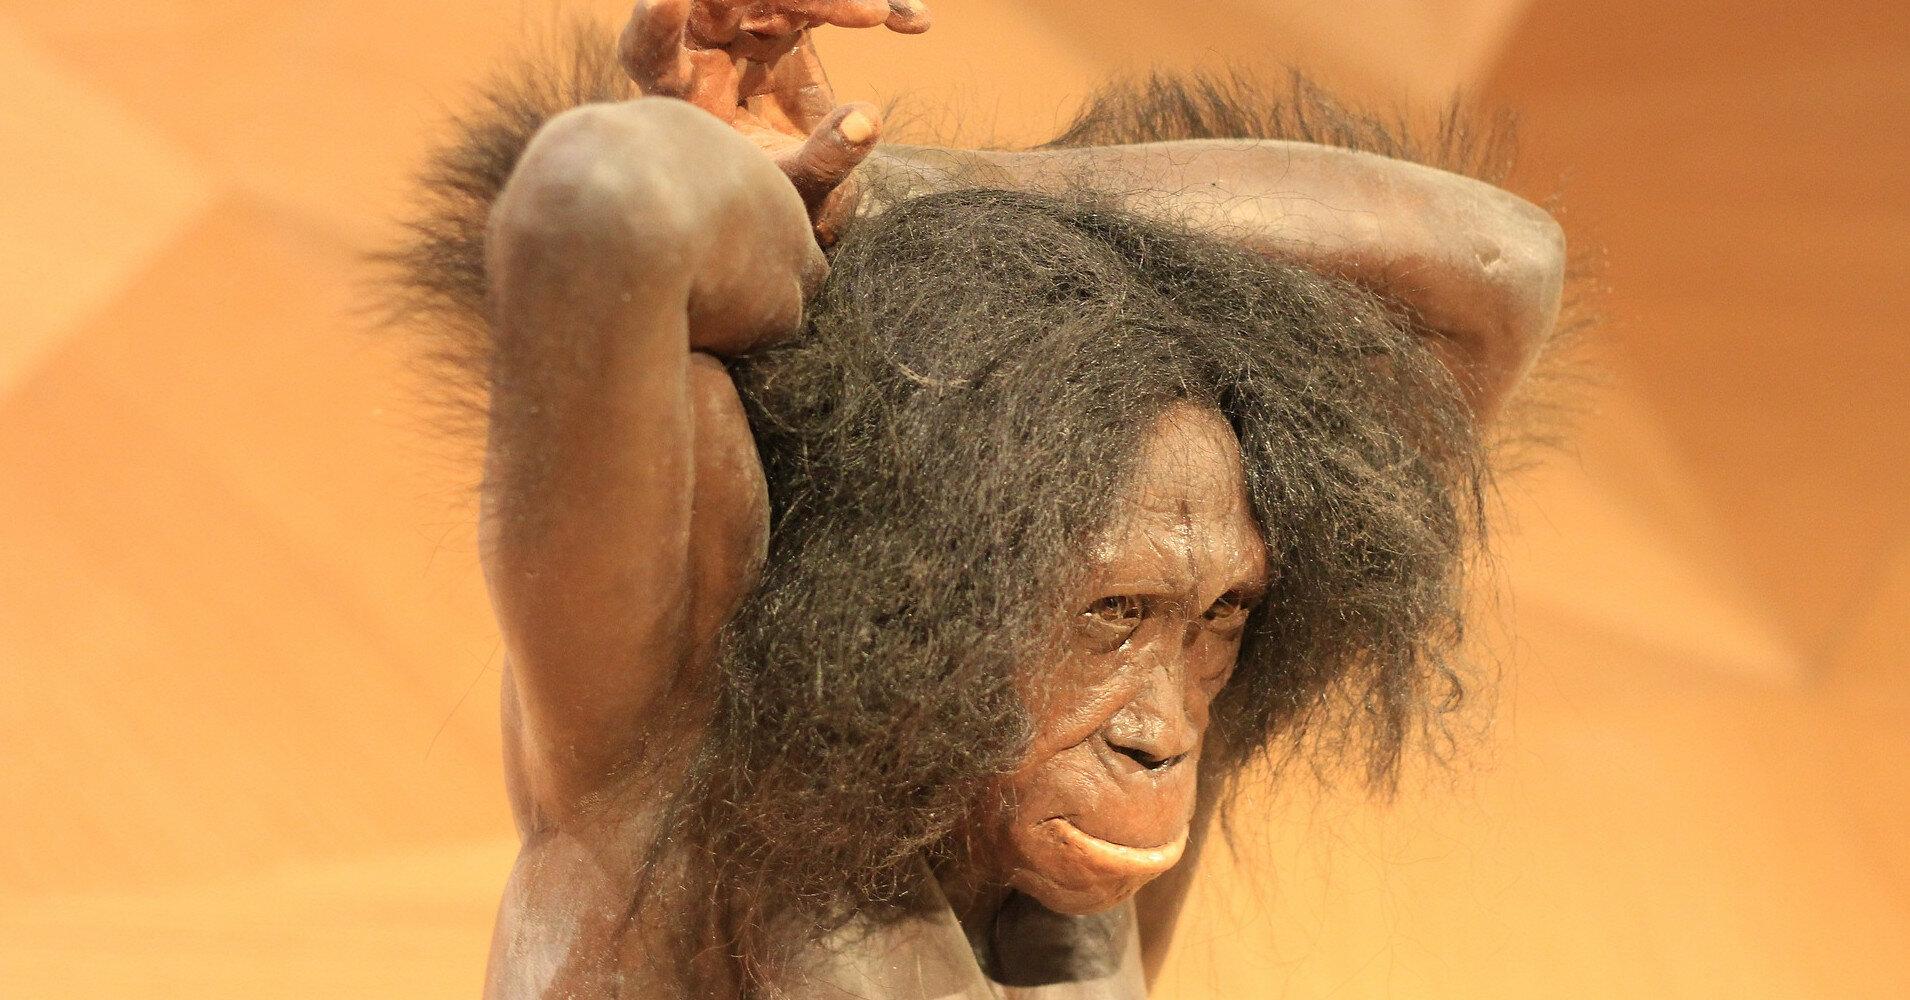 Обнаружен древнейший орнамент, возрастом 51 тыс. лет